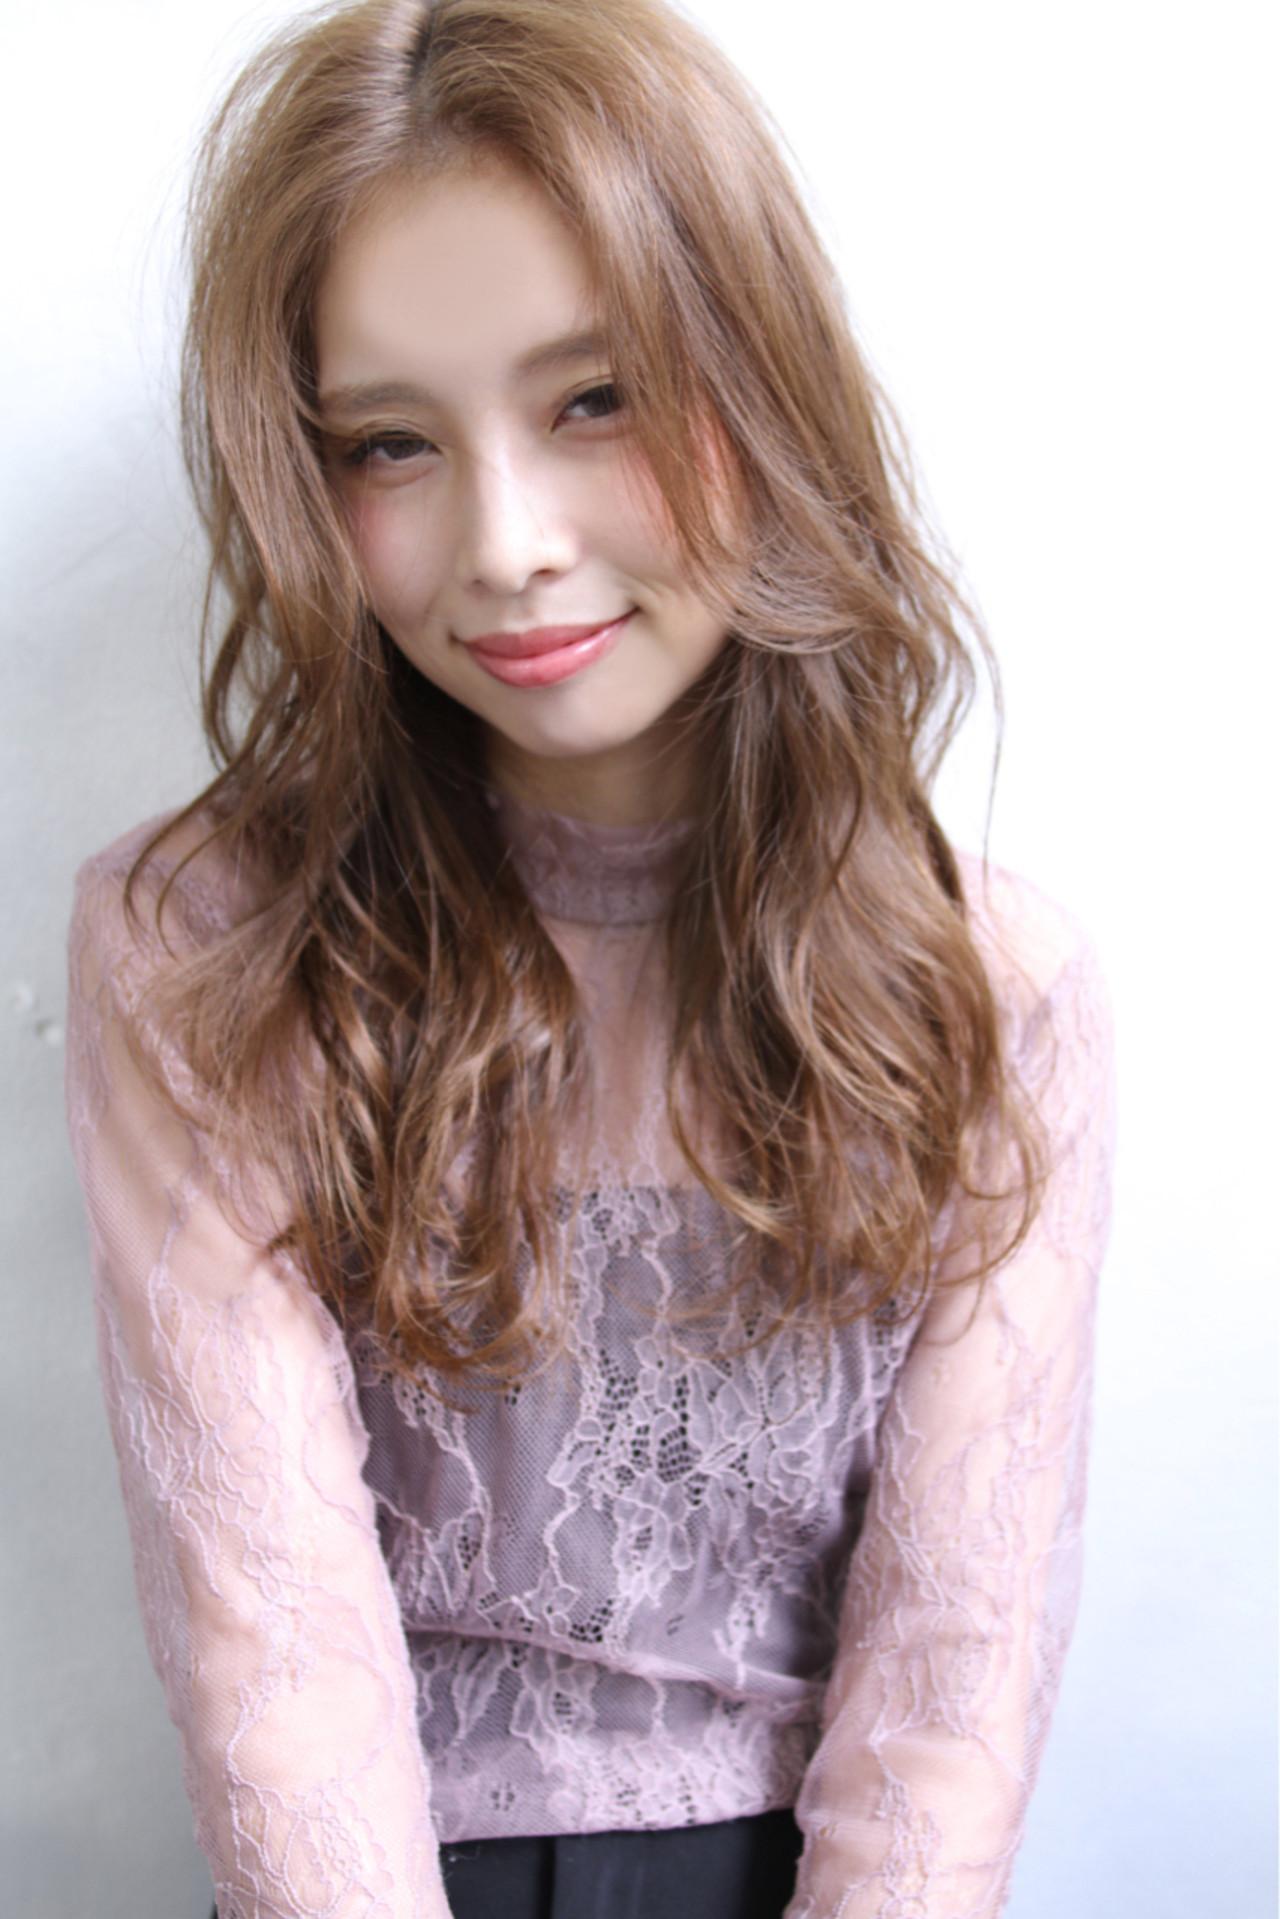 前髪あり 冬 ロング アッシュ ヘアスタイルや髪型の写真・画像